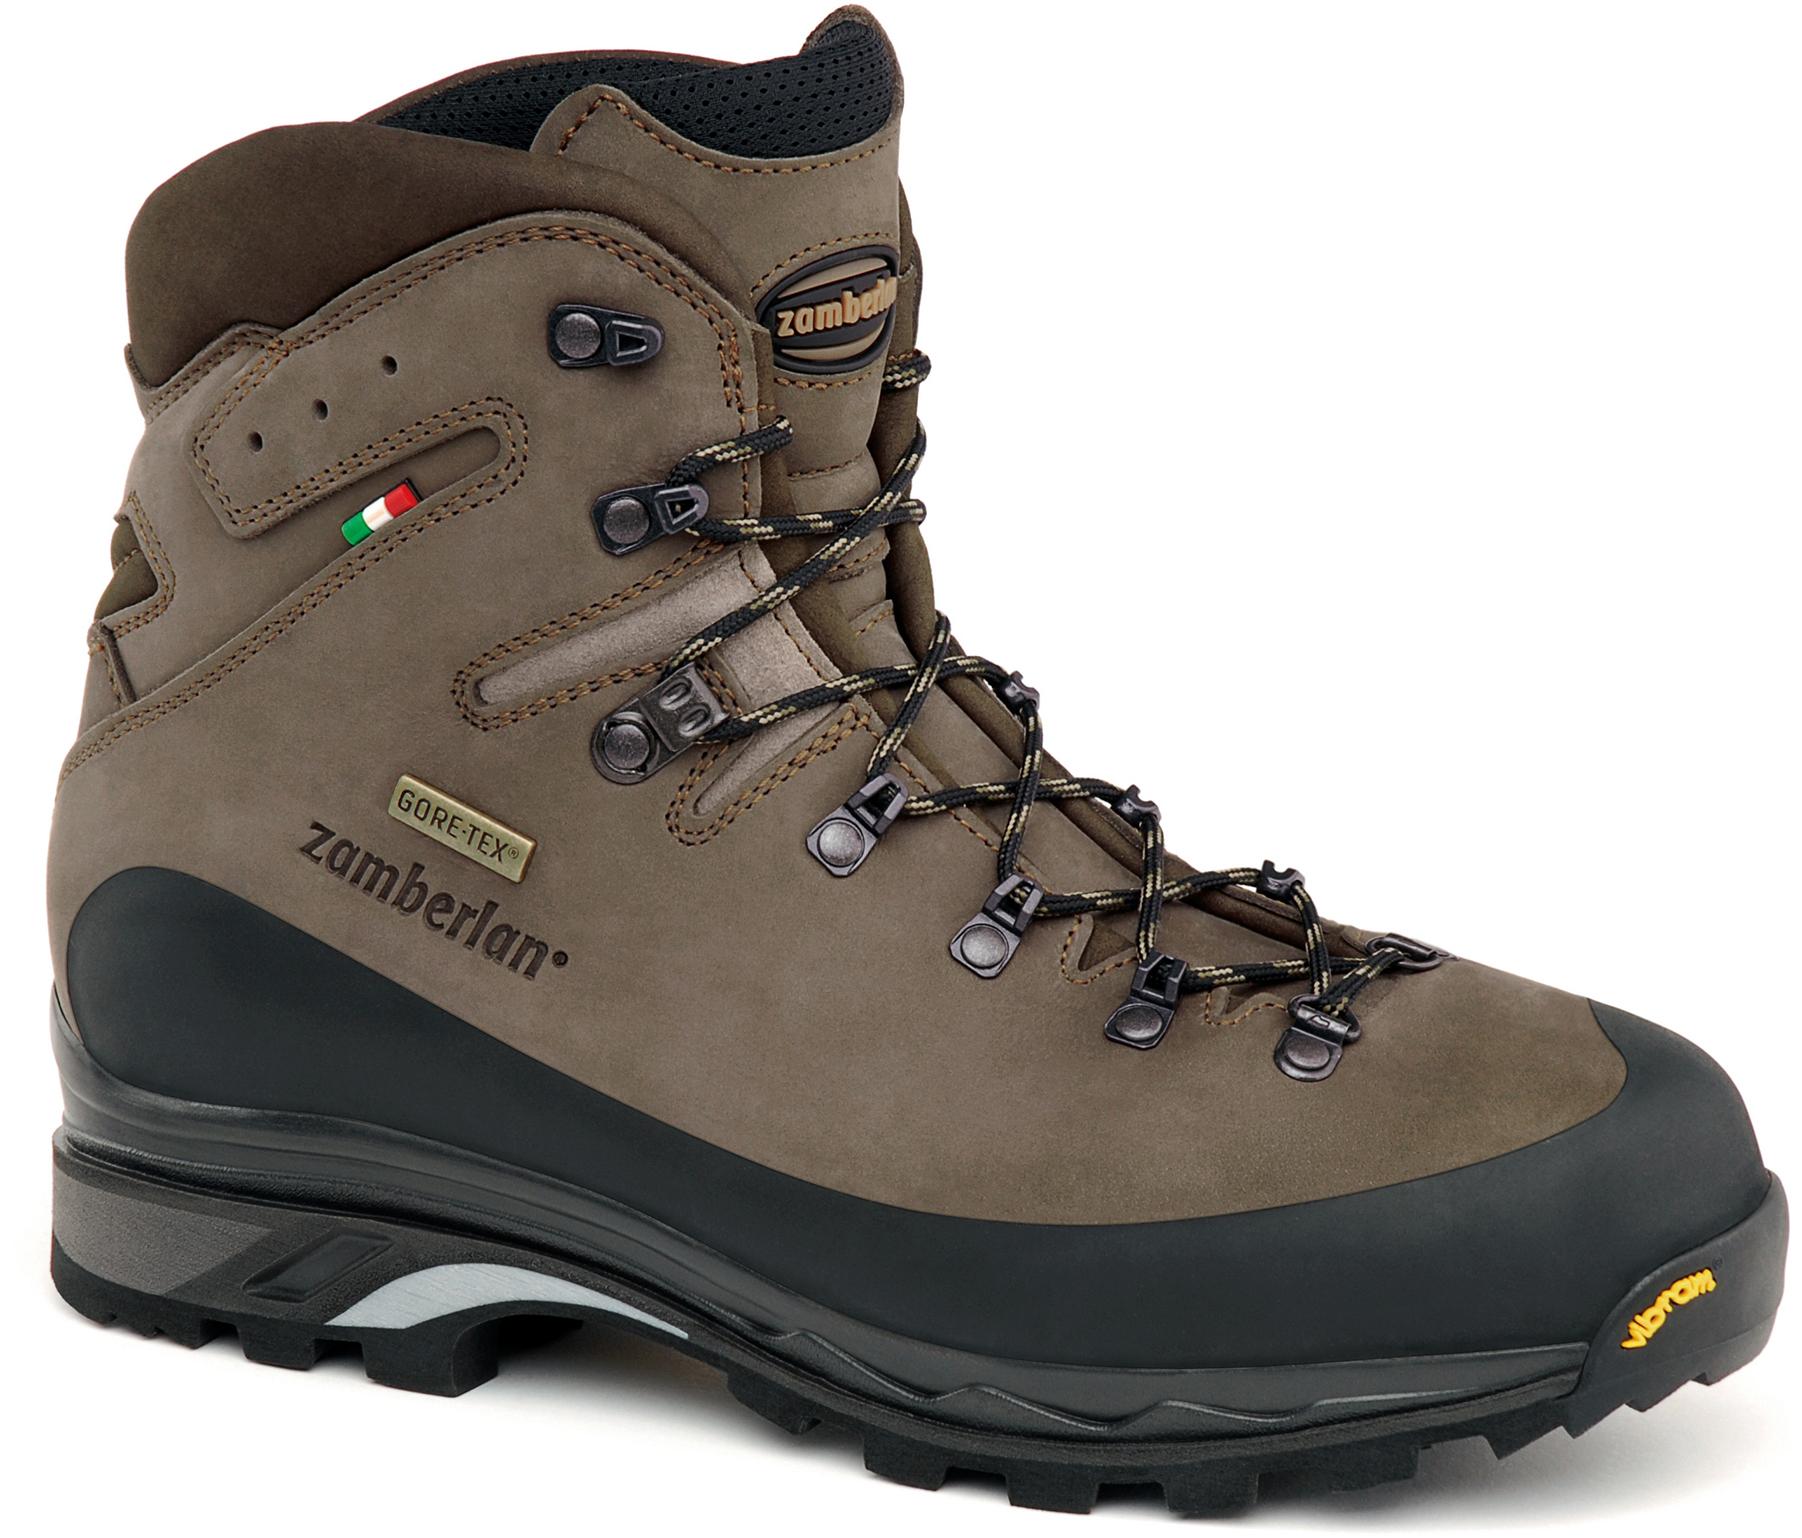 ab3a5513786 Zamberlan 960 Guide GTX RR Hiking Boots - Men's